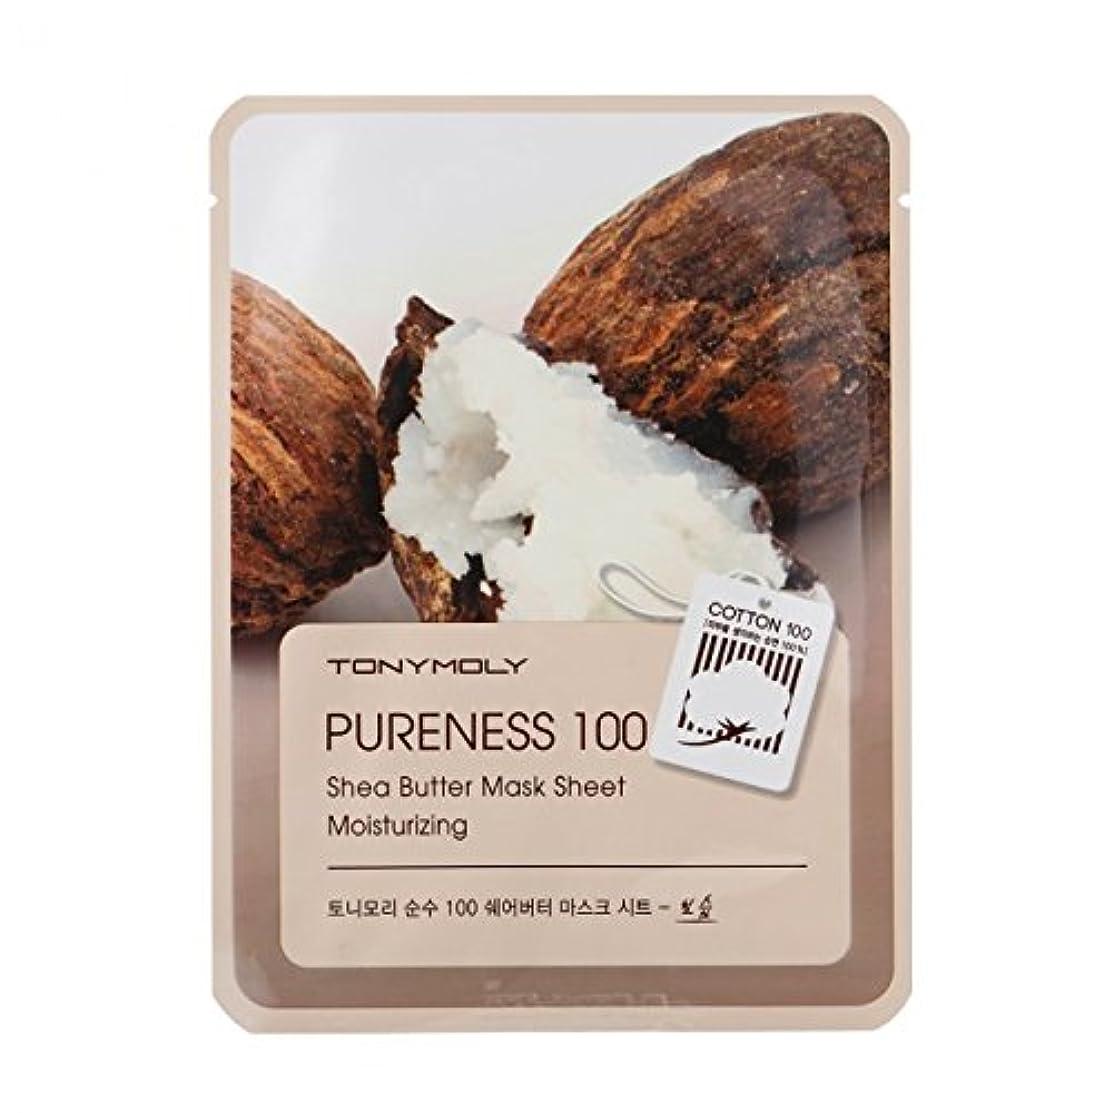 老人物語バタフライ(3 Pack) TONYMOLY Pureness 100 Shea Butter Mask Sheet Moisturizing (並行輸入品)